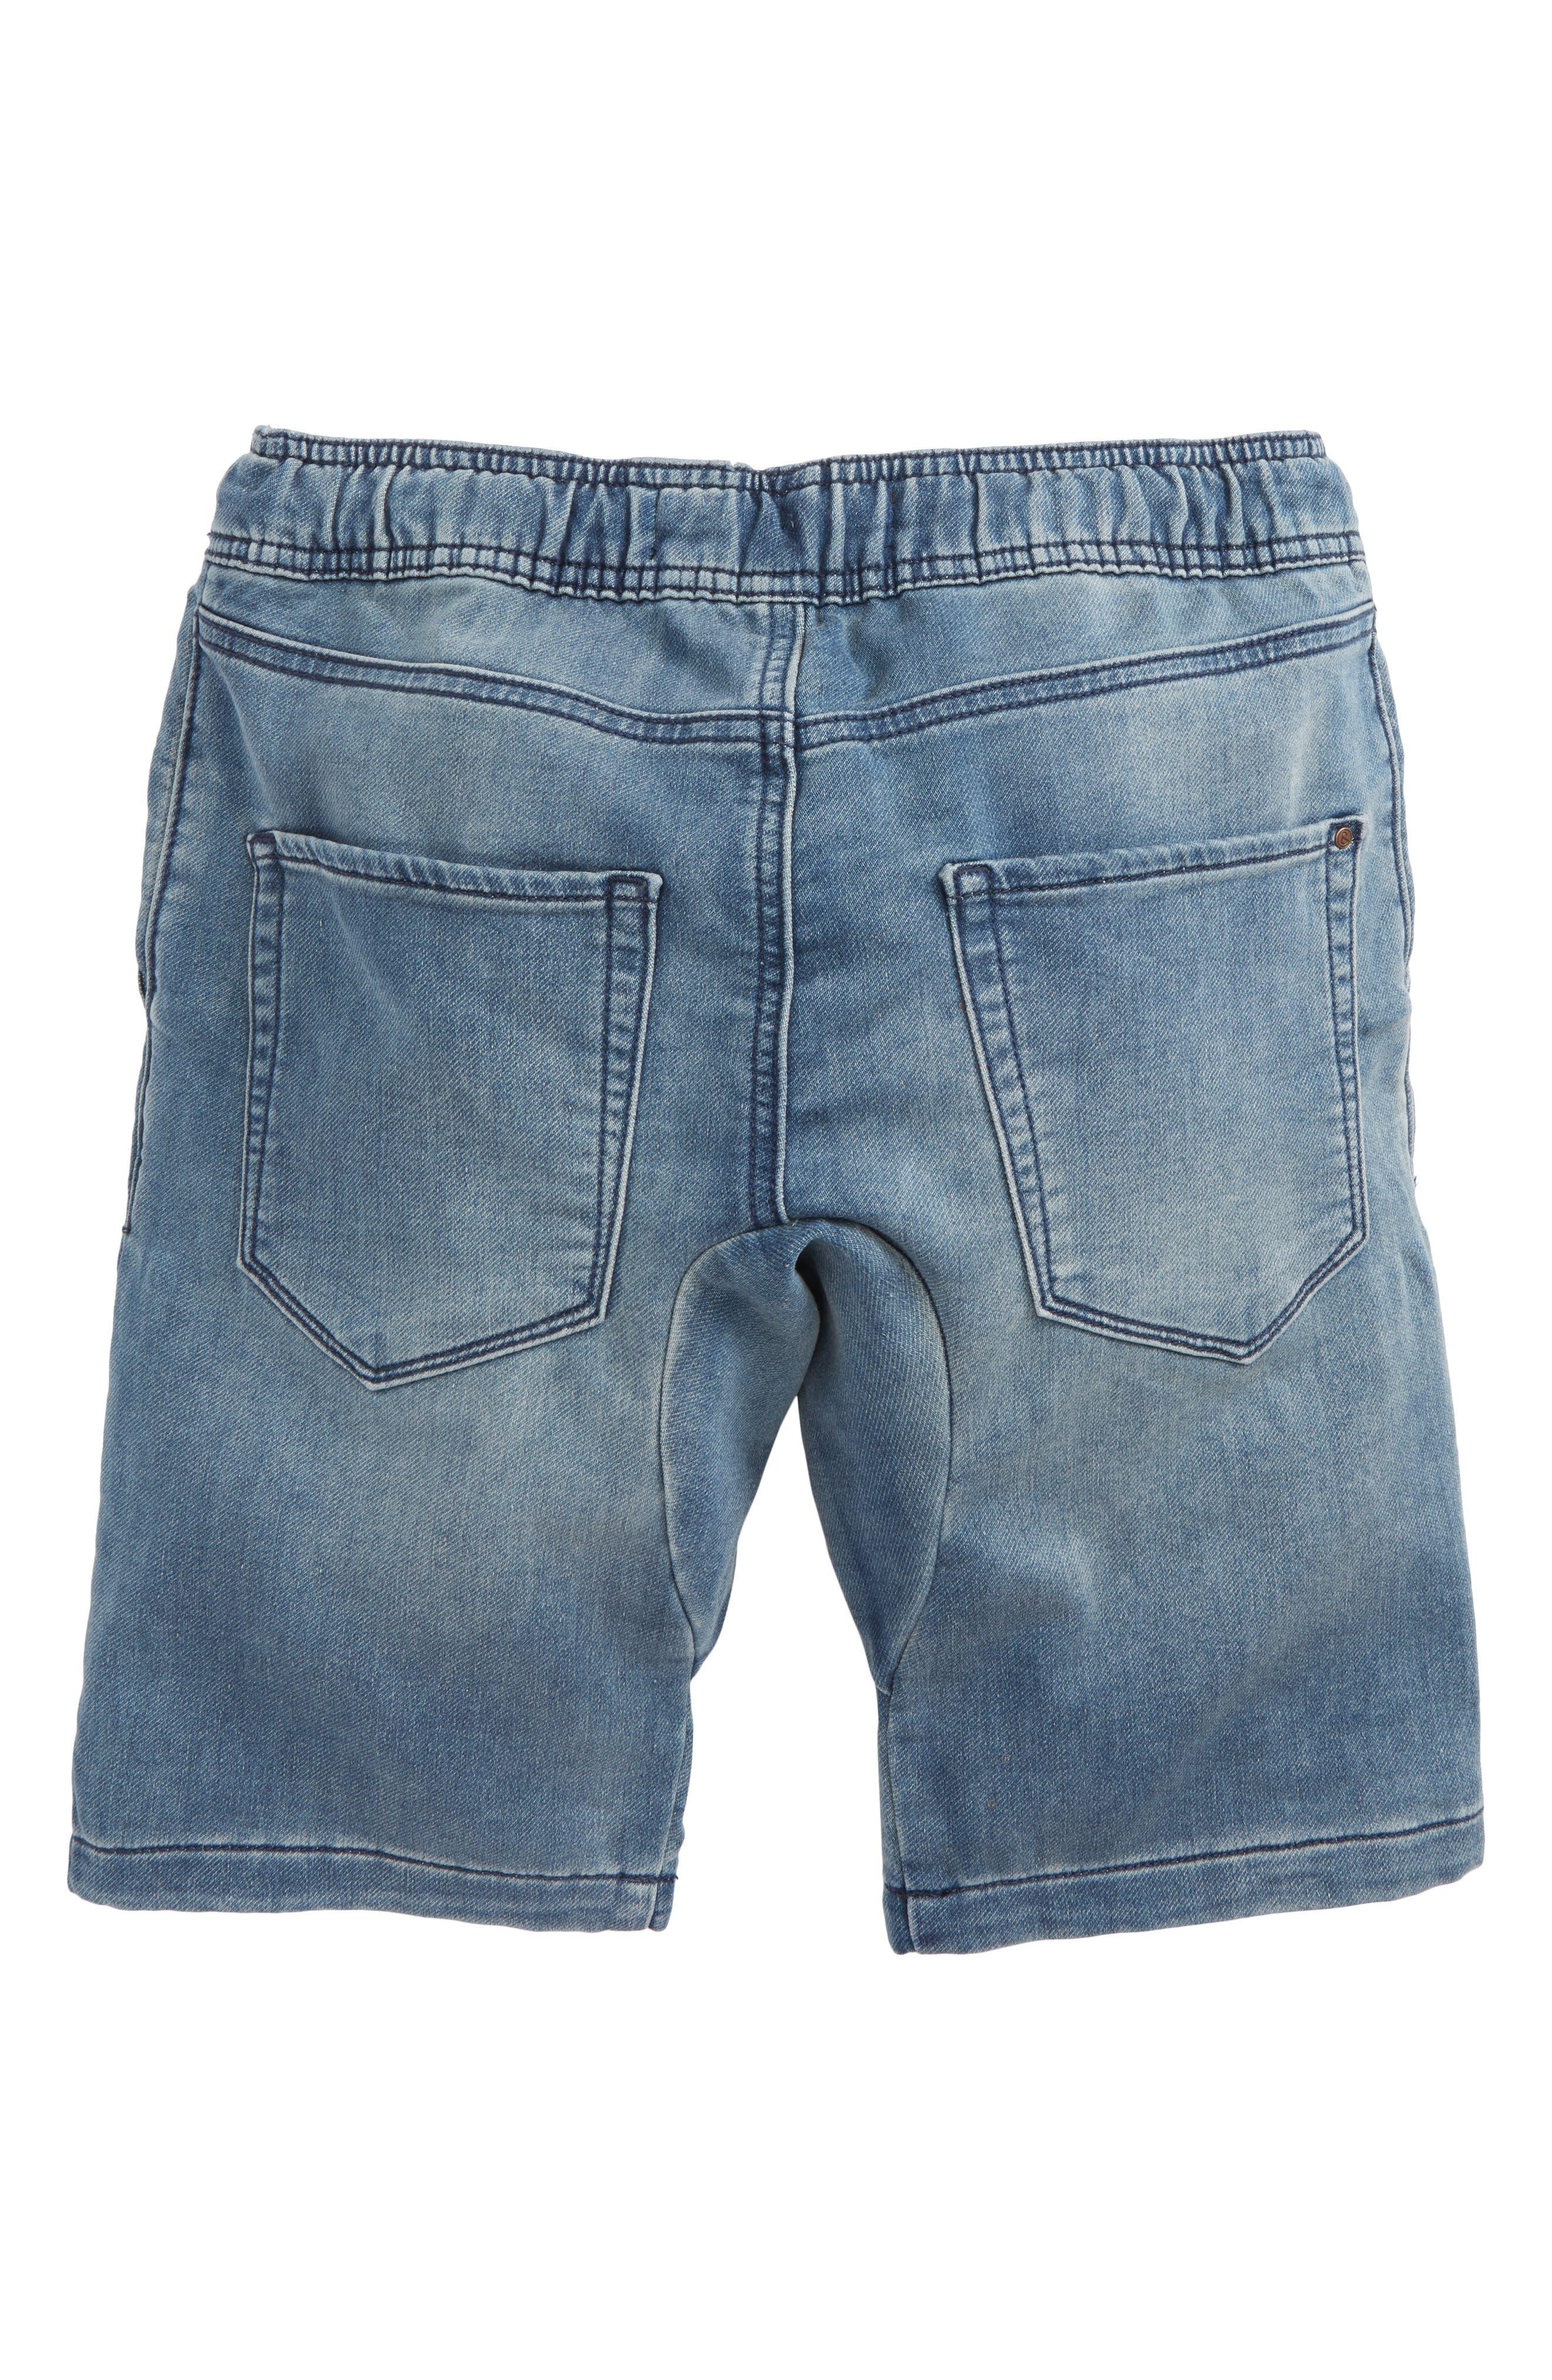 Denim Jogger Shorts,                             Alternate thumbnail 2, color,                             Lott Wash